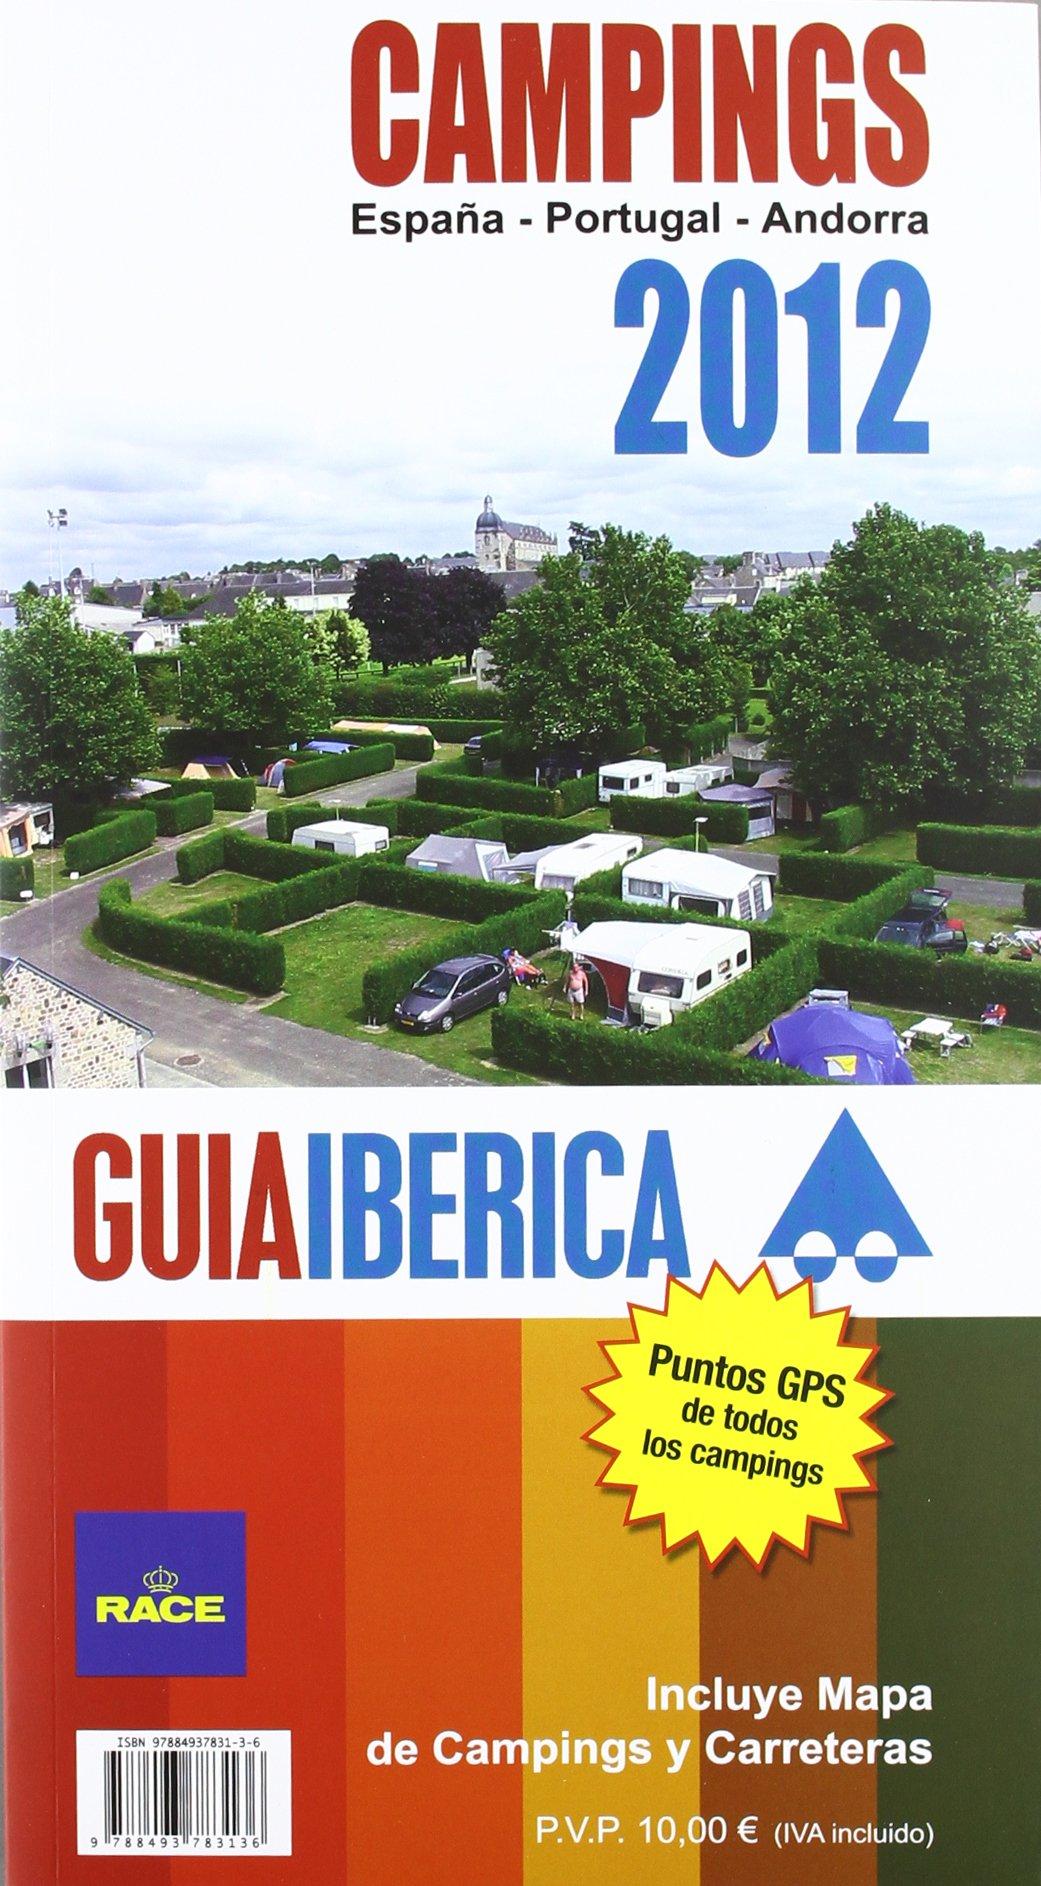 Guia iberica de campings 2012 - España/ Portugal/ Andorra Guia Ibericas ocitur: Amazon.es: Aa.Vv.: Libros